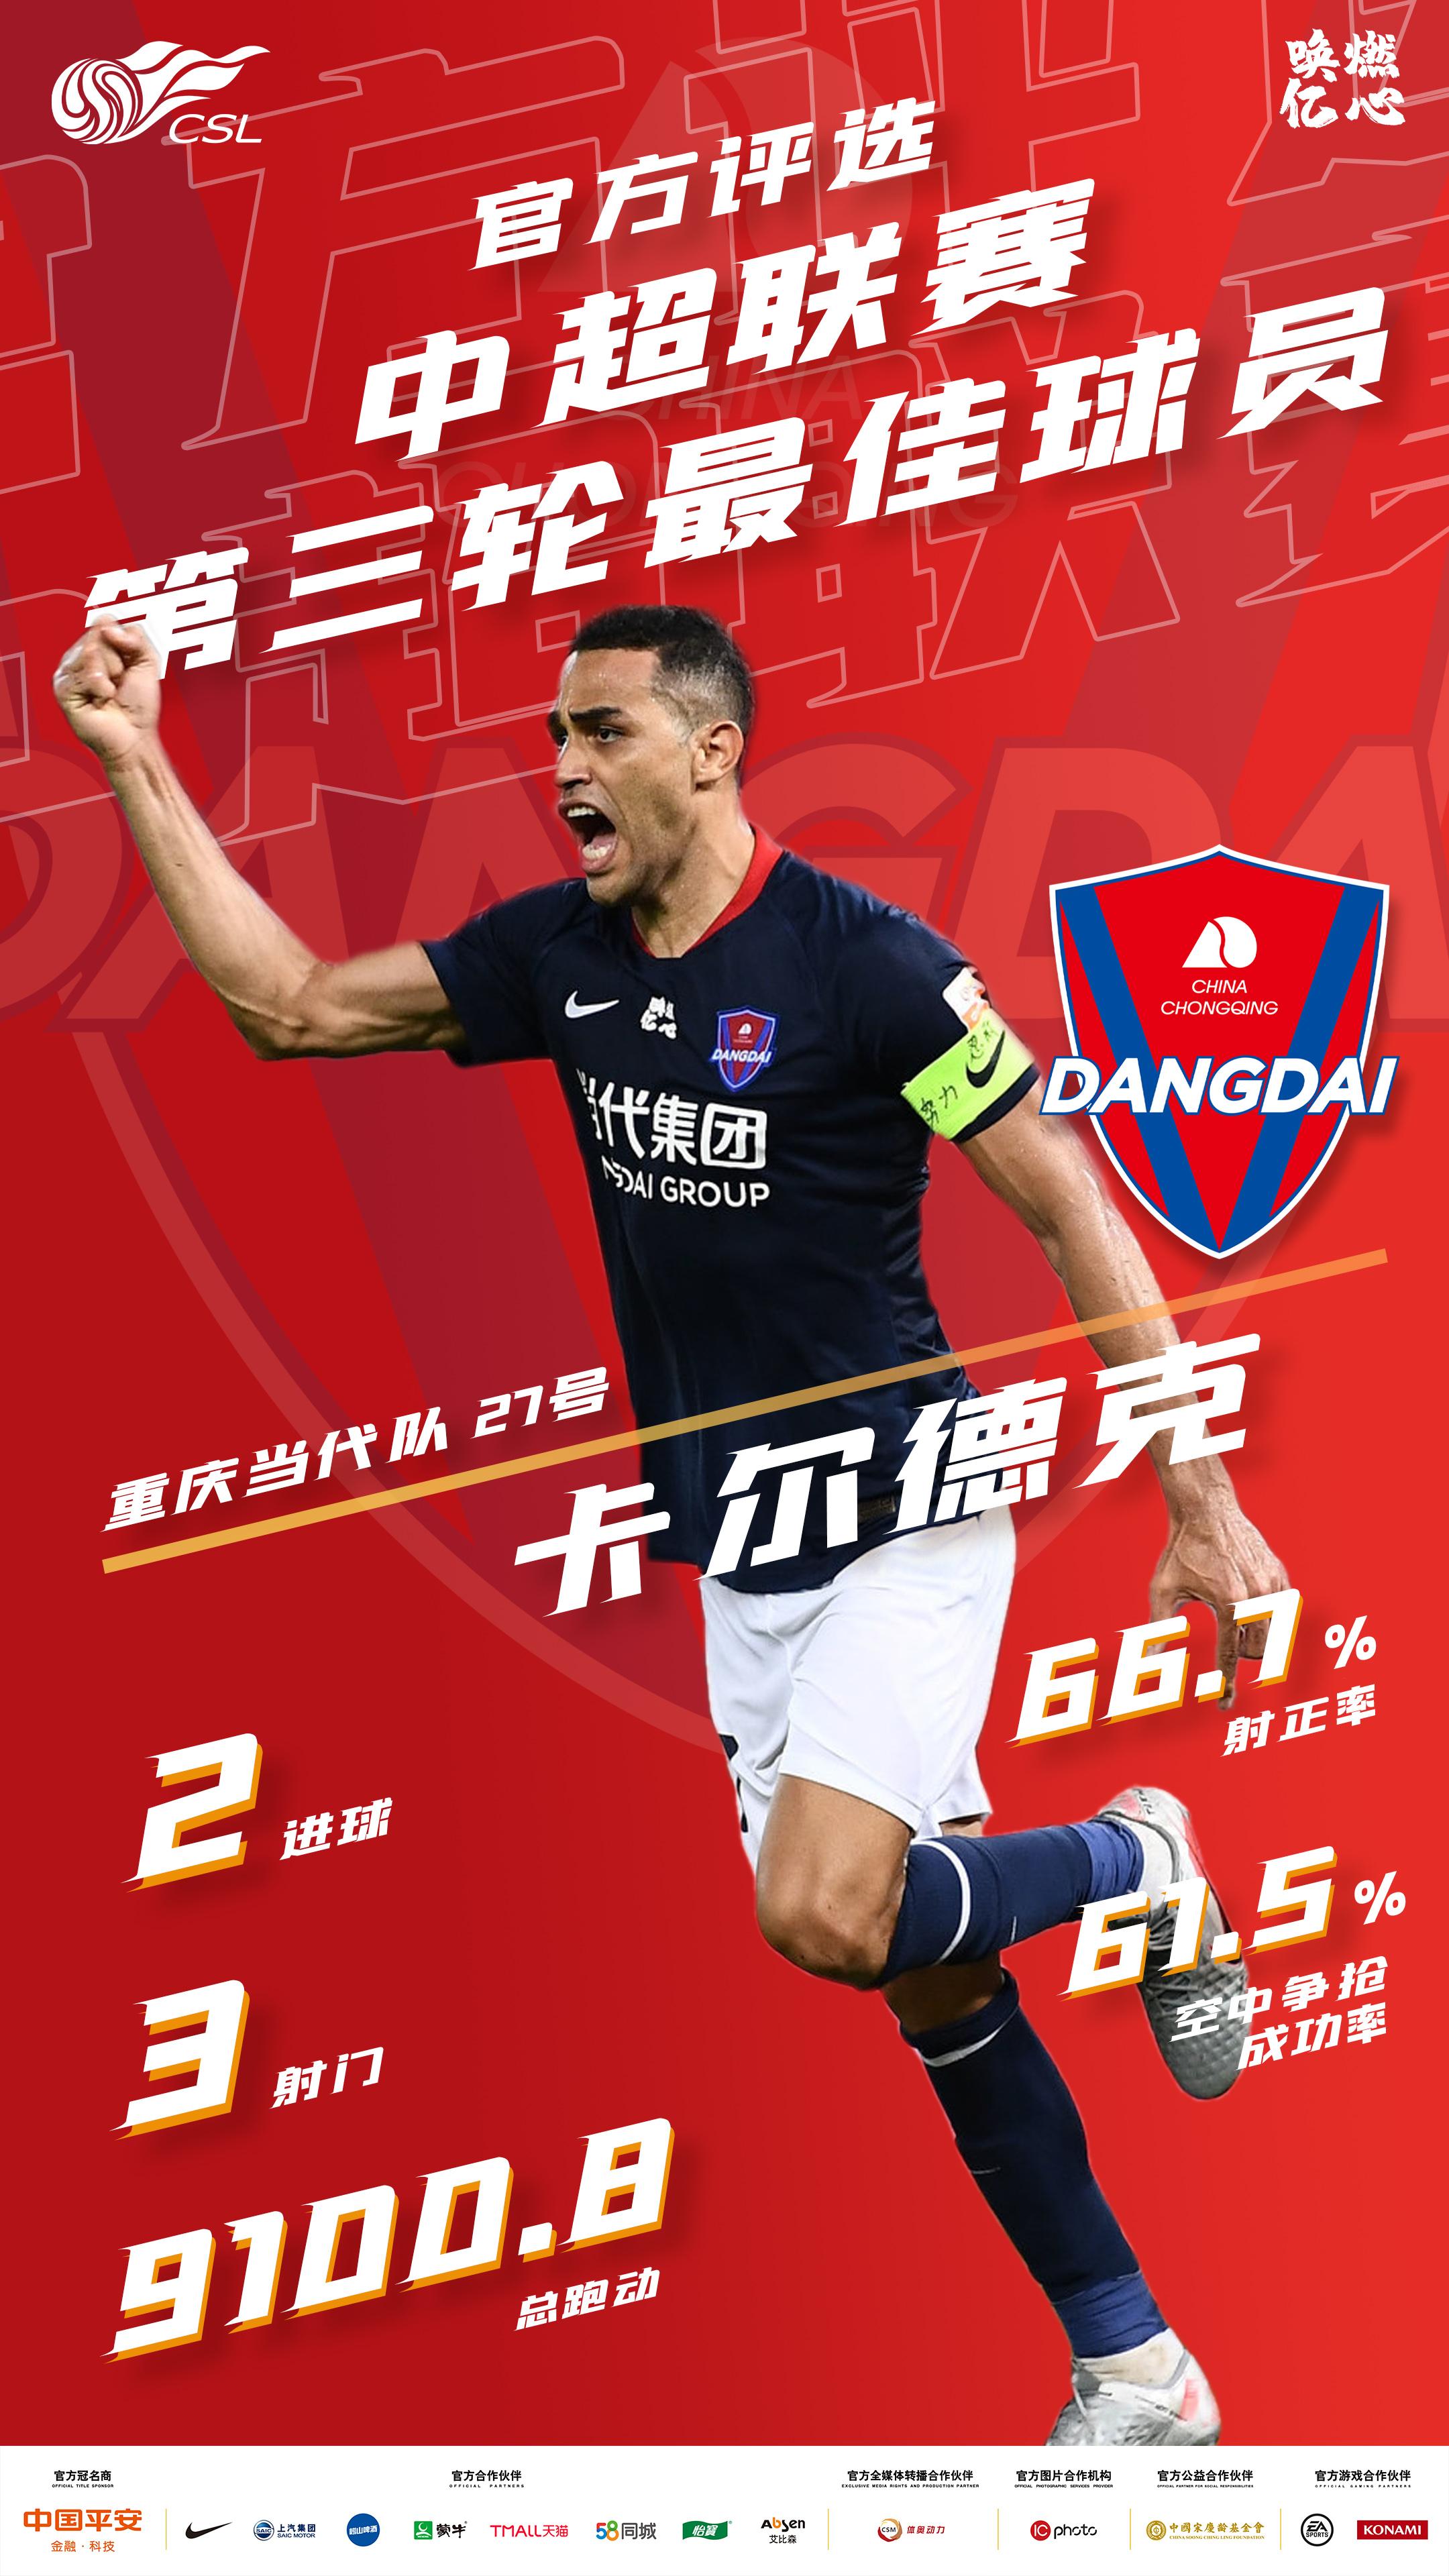 中超第三轮最佳球员:重庆当代外援卡尔德克当选